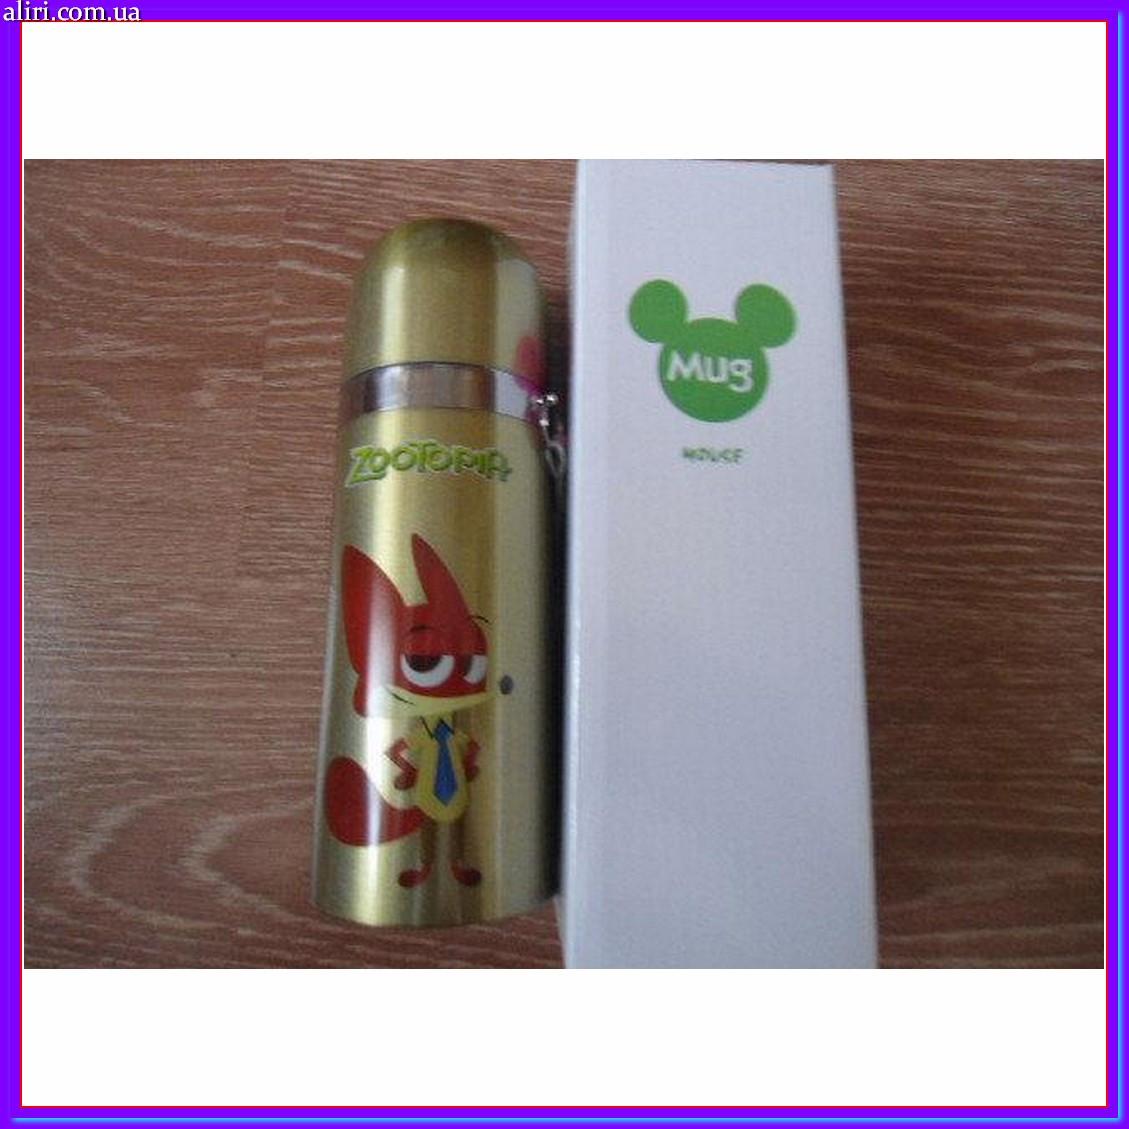 Детский термос для напитков и чая с клапаном ZooTopiA 350мл лис